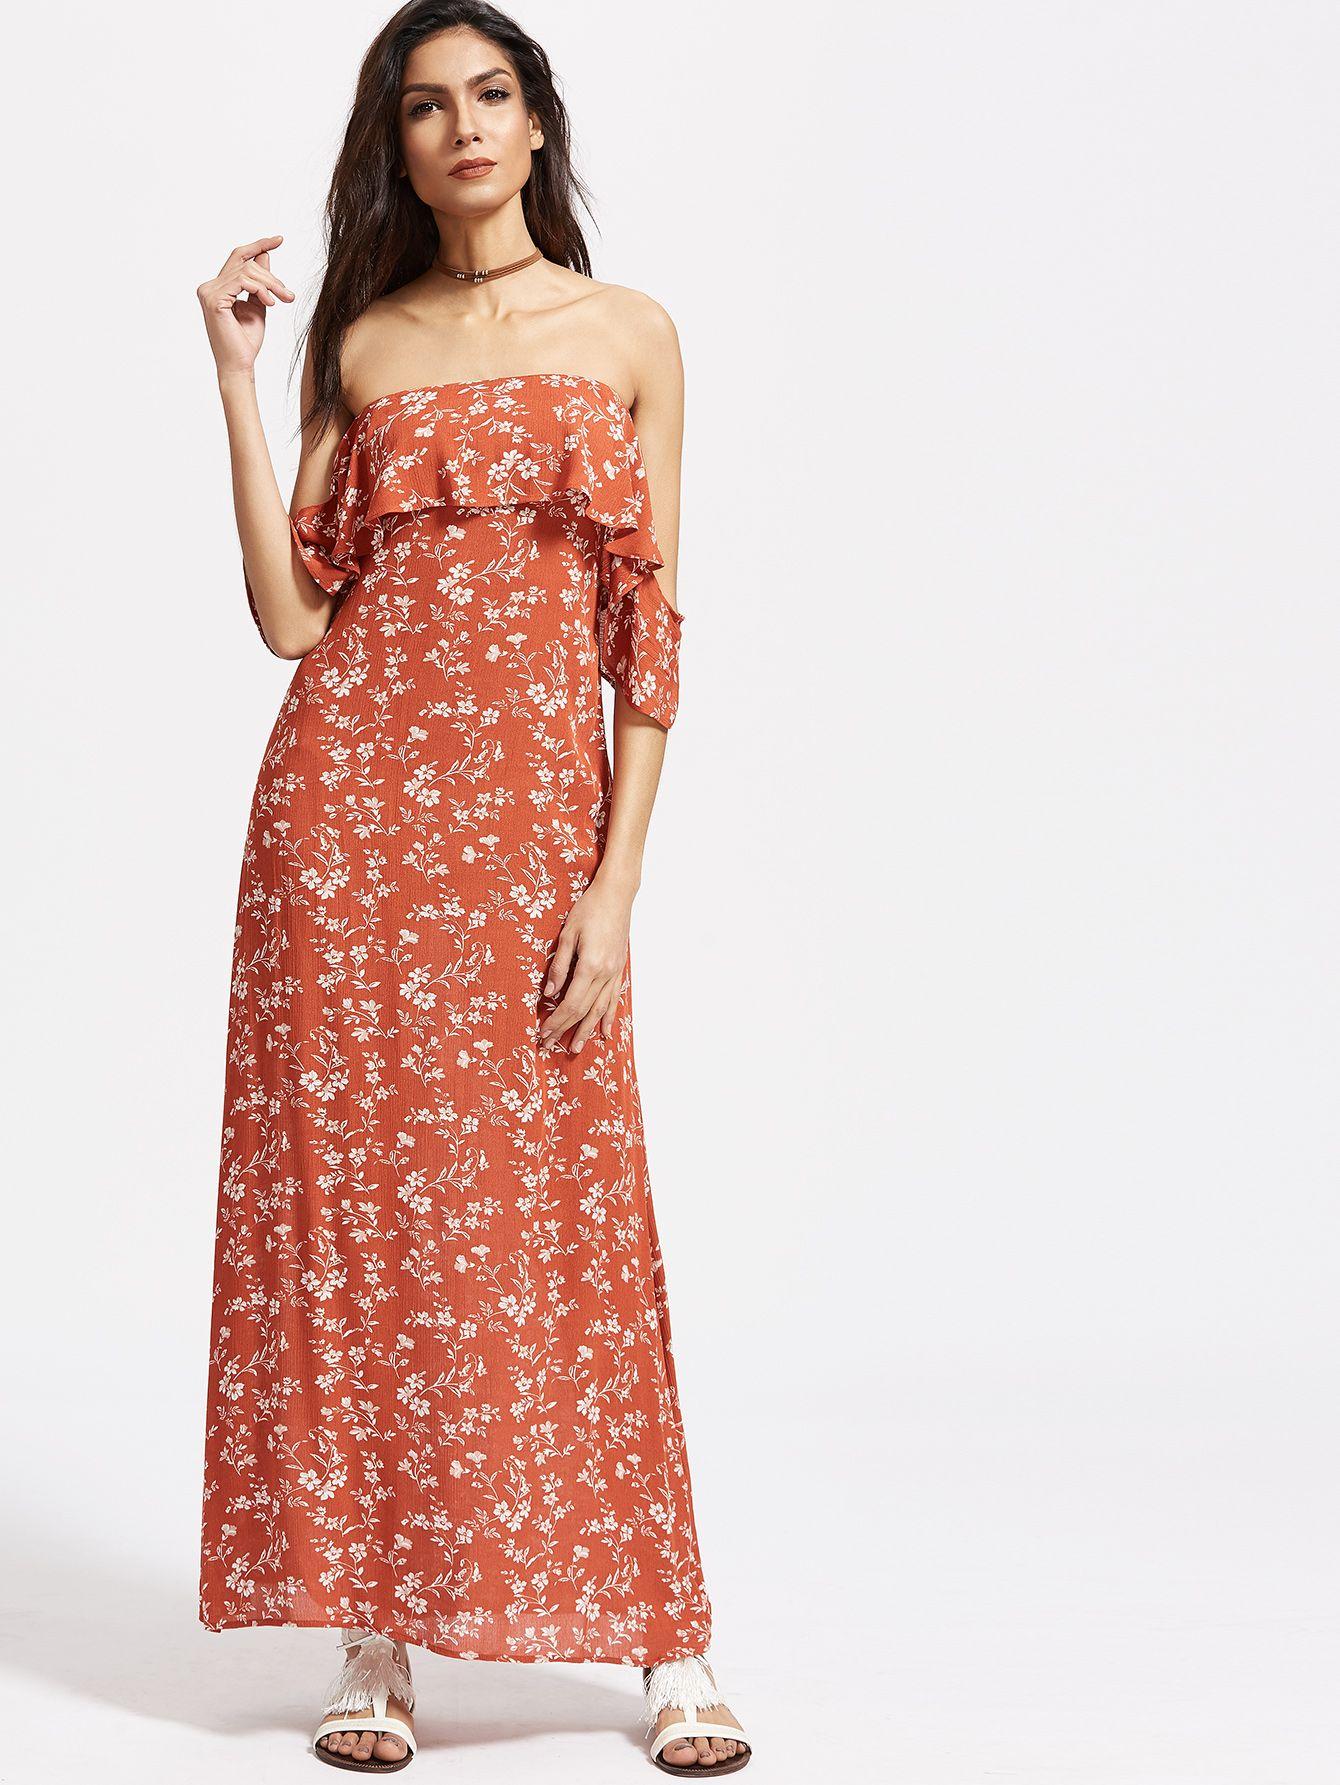 Vestido con estampado floral espalda con abertura hombro al aire con  volantes-(Sheinside) 2fc1d74781e5